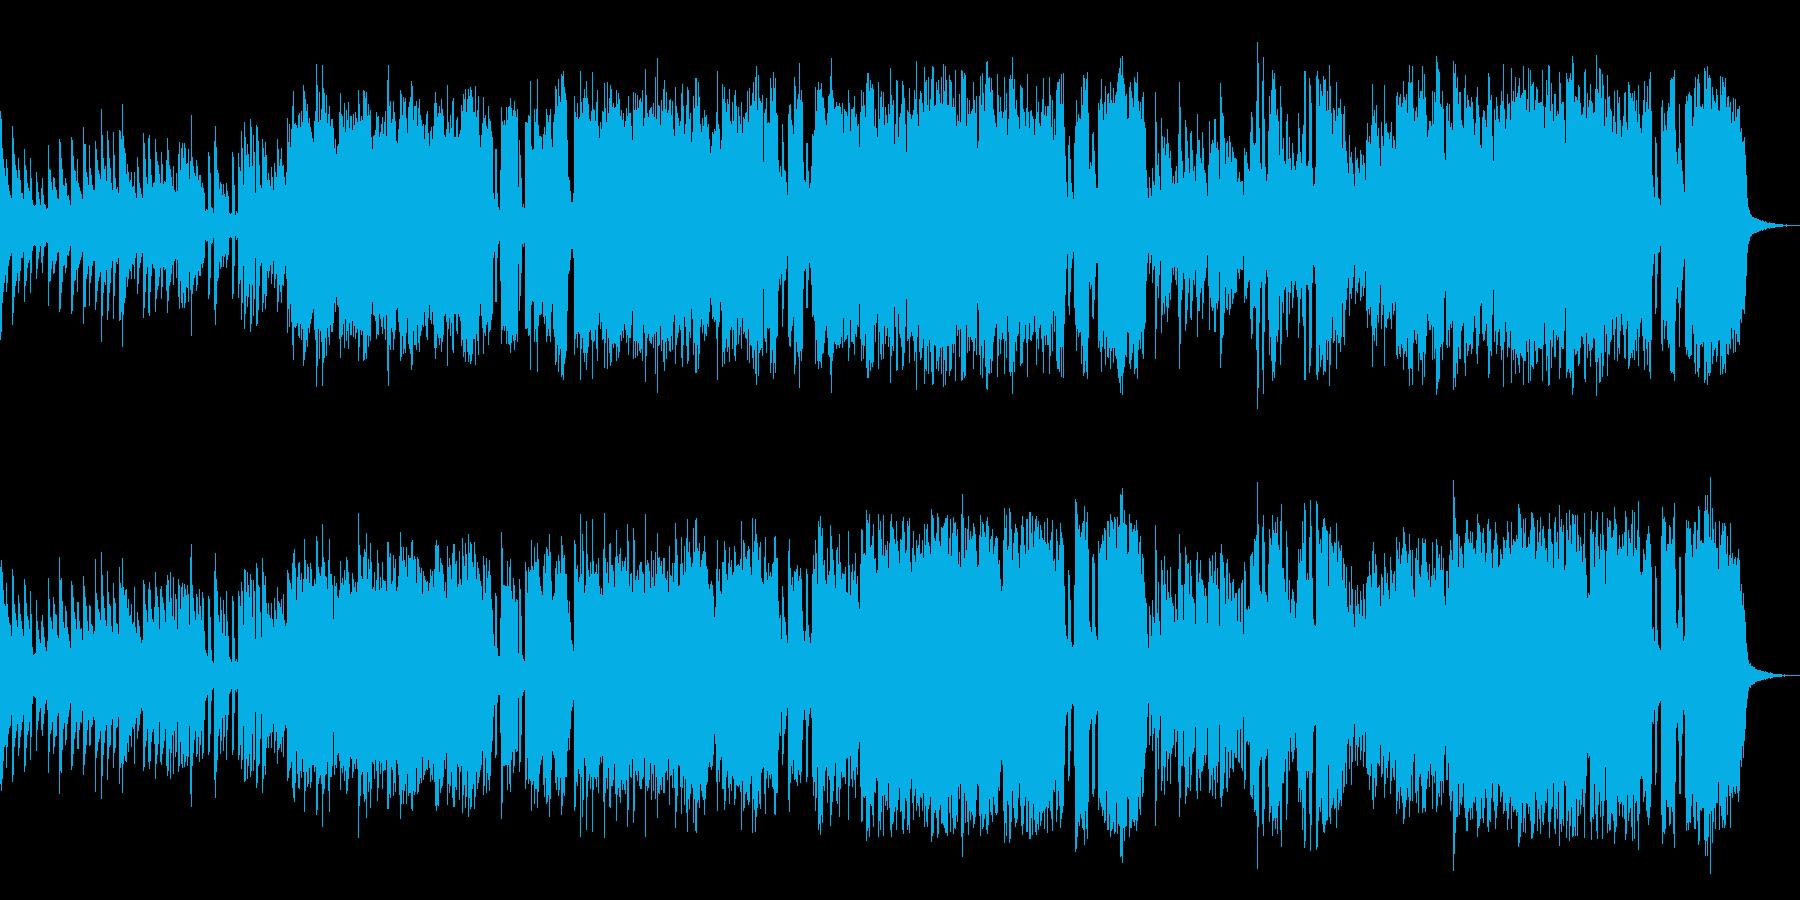 ほのぼのしたイメージのクラシック的室内楽の再生済みの波形